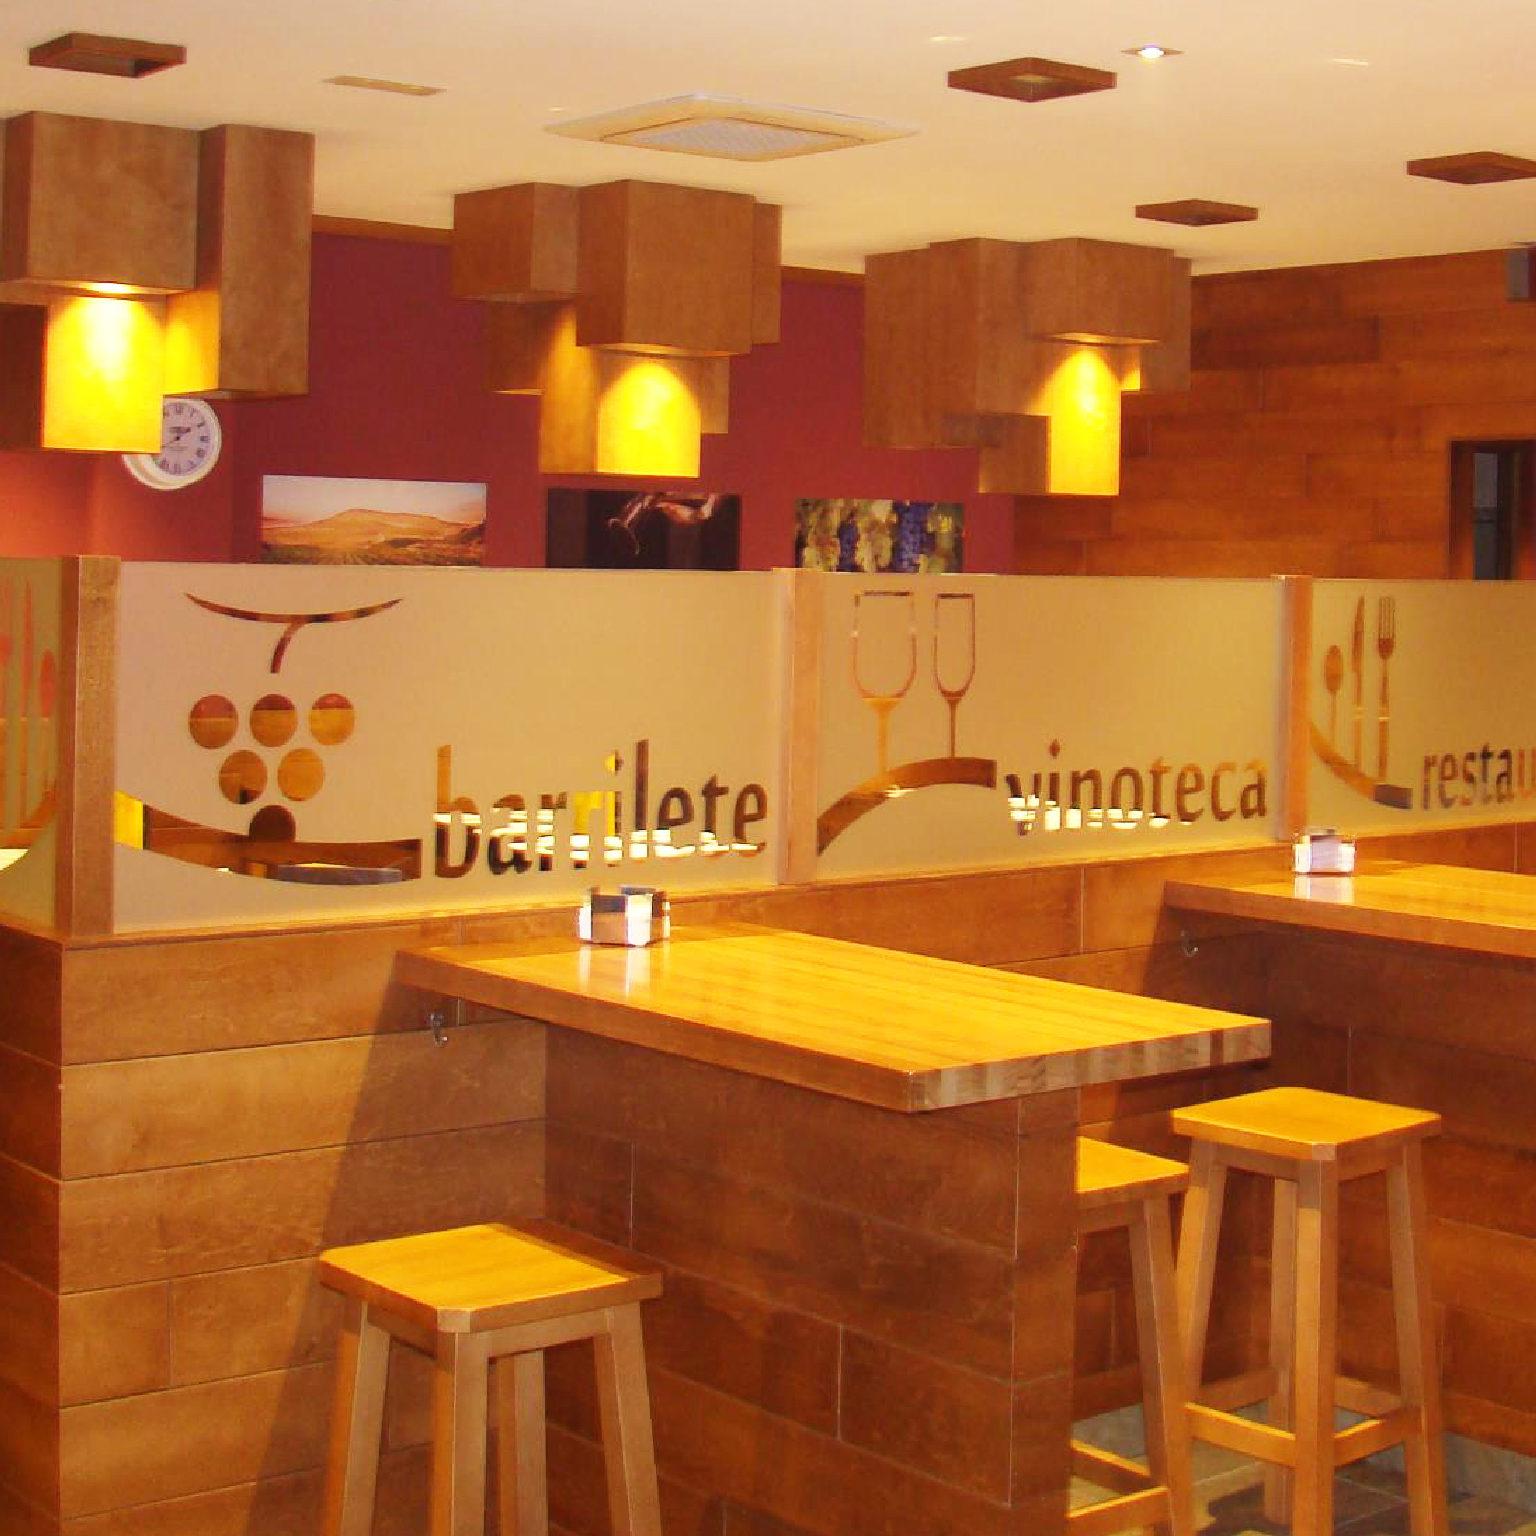 Barrilete | Pizzería, cervecería y vinoteca en Foz (Lugo)